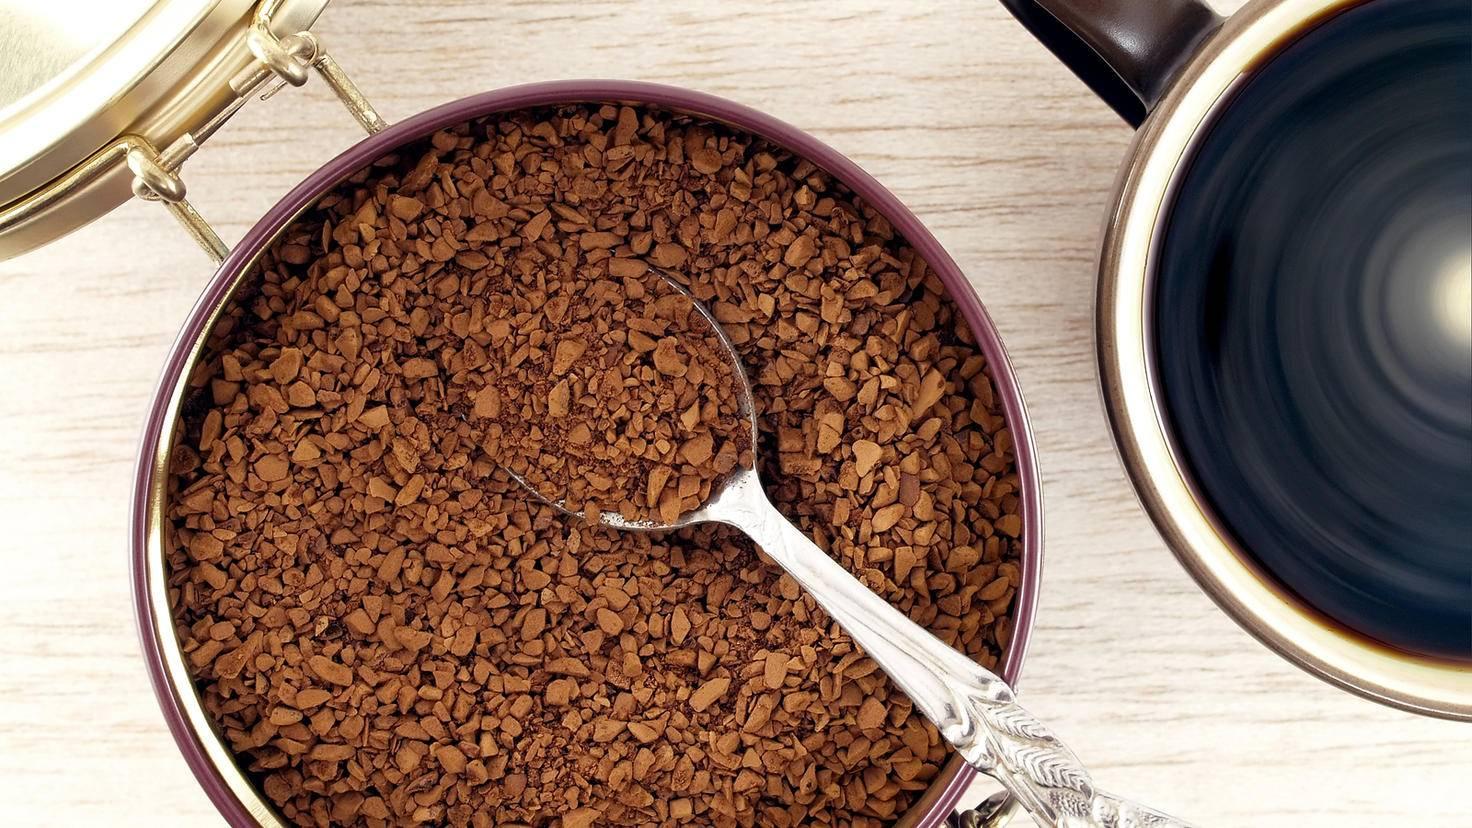 Am besten sollte Kaffee in Keramikbehältern mit Gummidichtung gelagert werden.